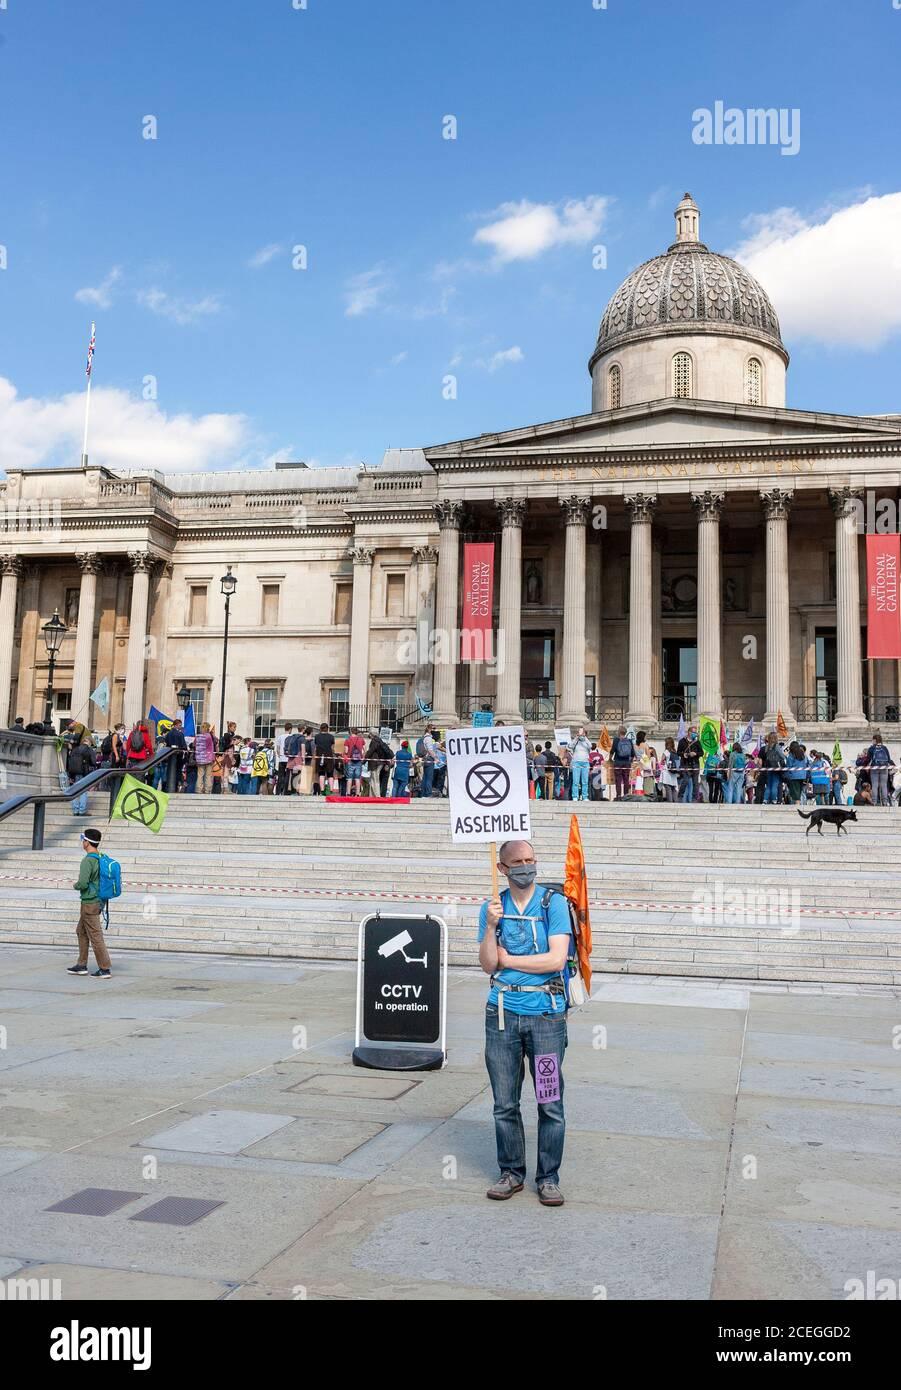 Extinction les manifestants de la rébellion se rassemblent sur Trafalgar Square au cours des manifestations de 2020. Londres, Angleterre, Royaume-Uni Banque D'Images